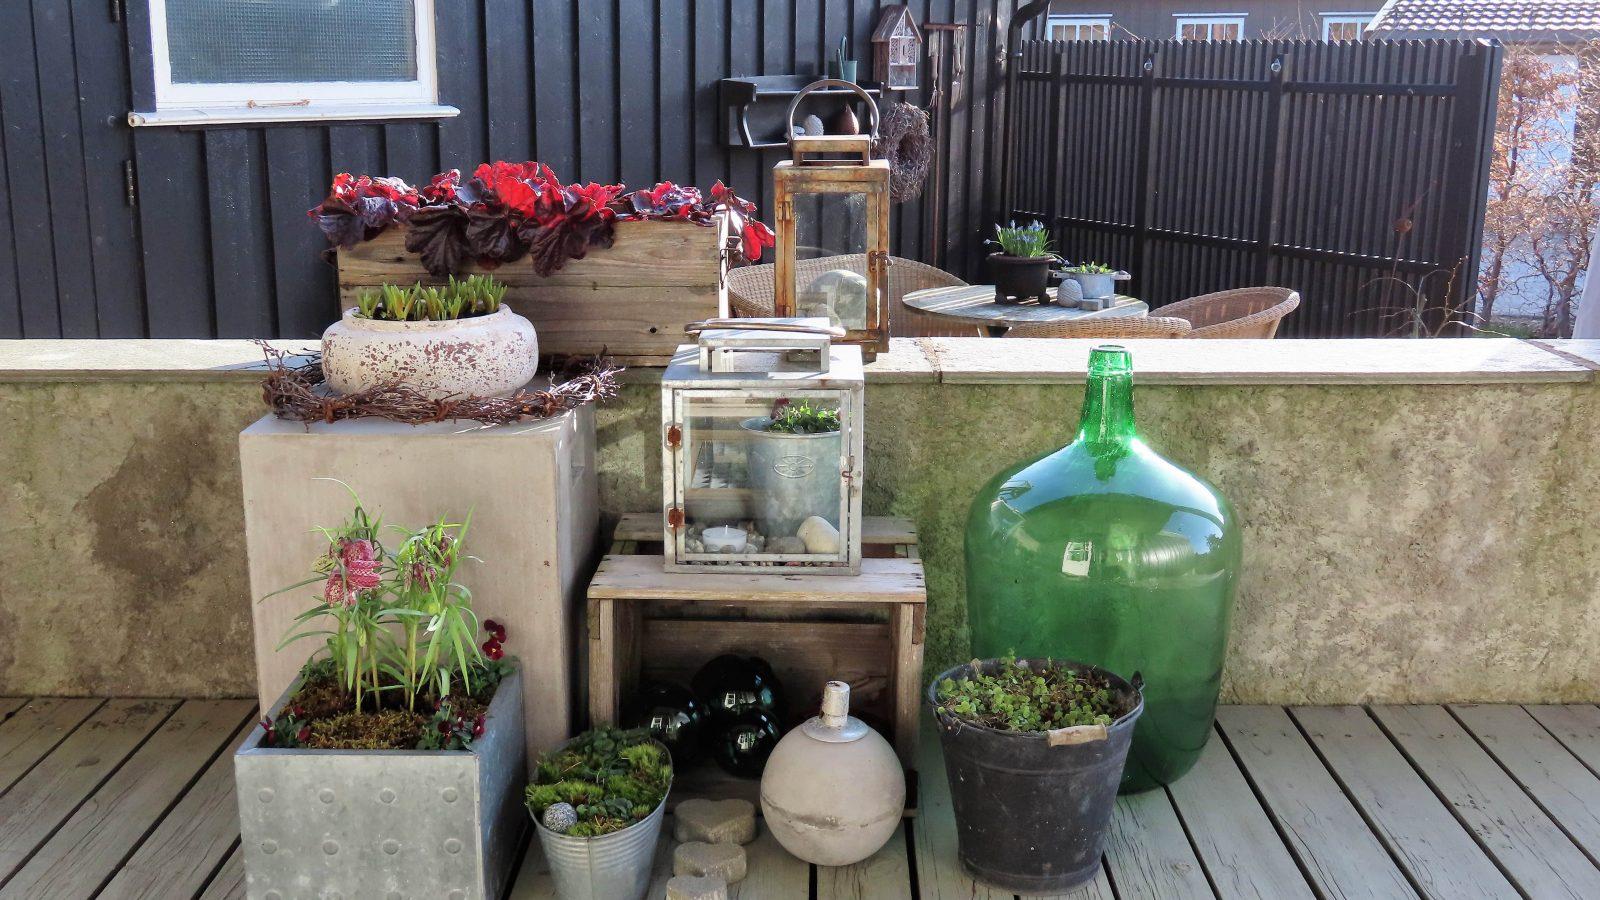 Slik kan du lage et vårlig arrangement på terrassen - fiks ferdig